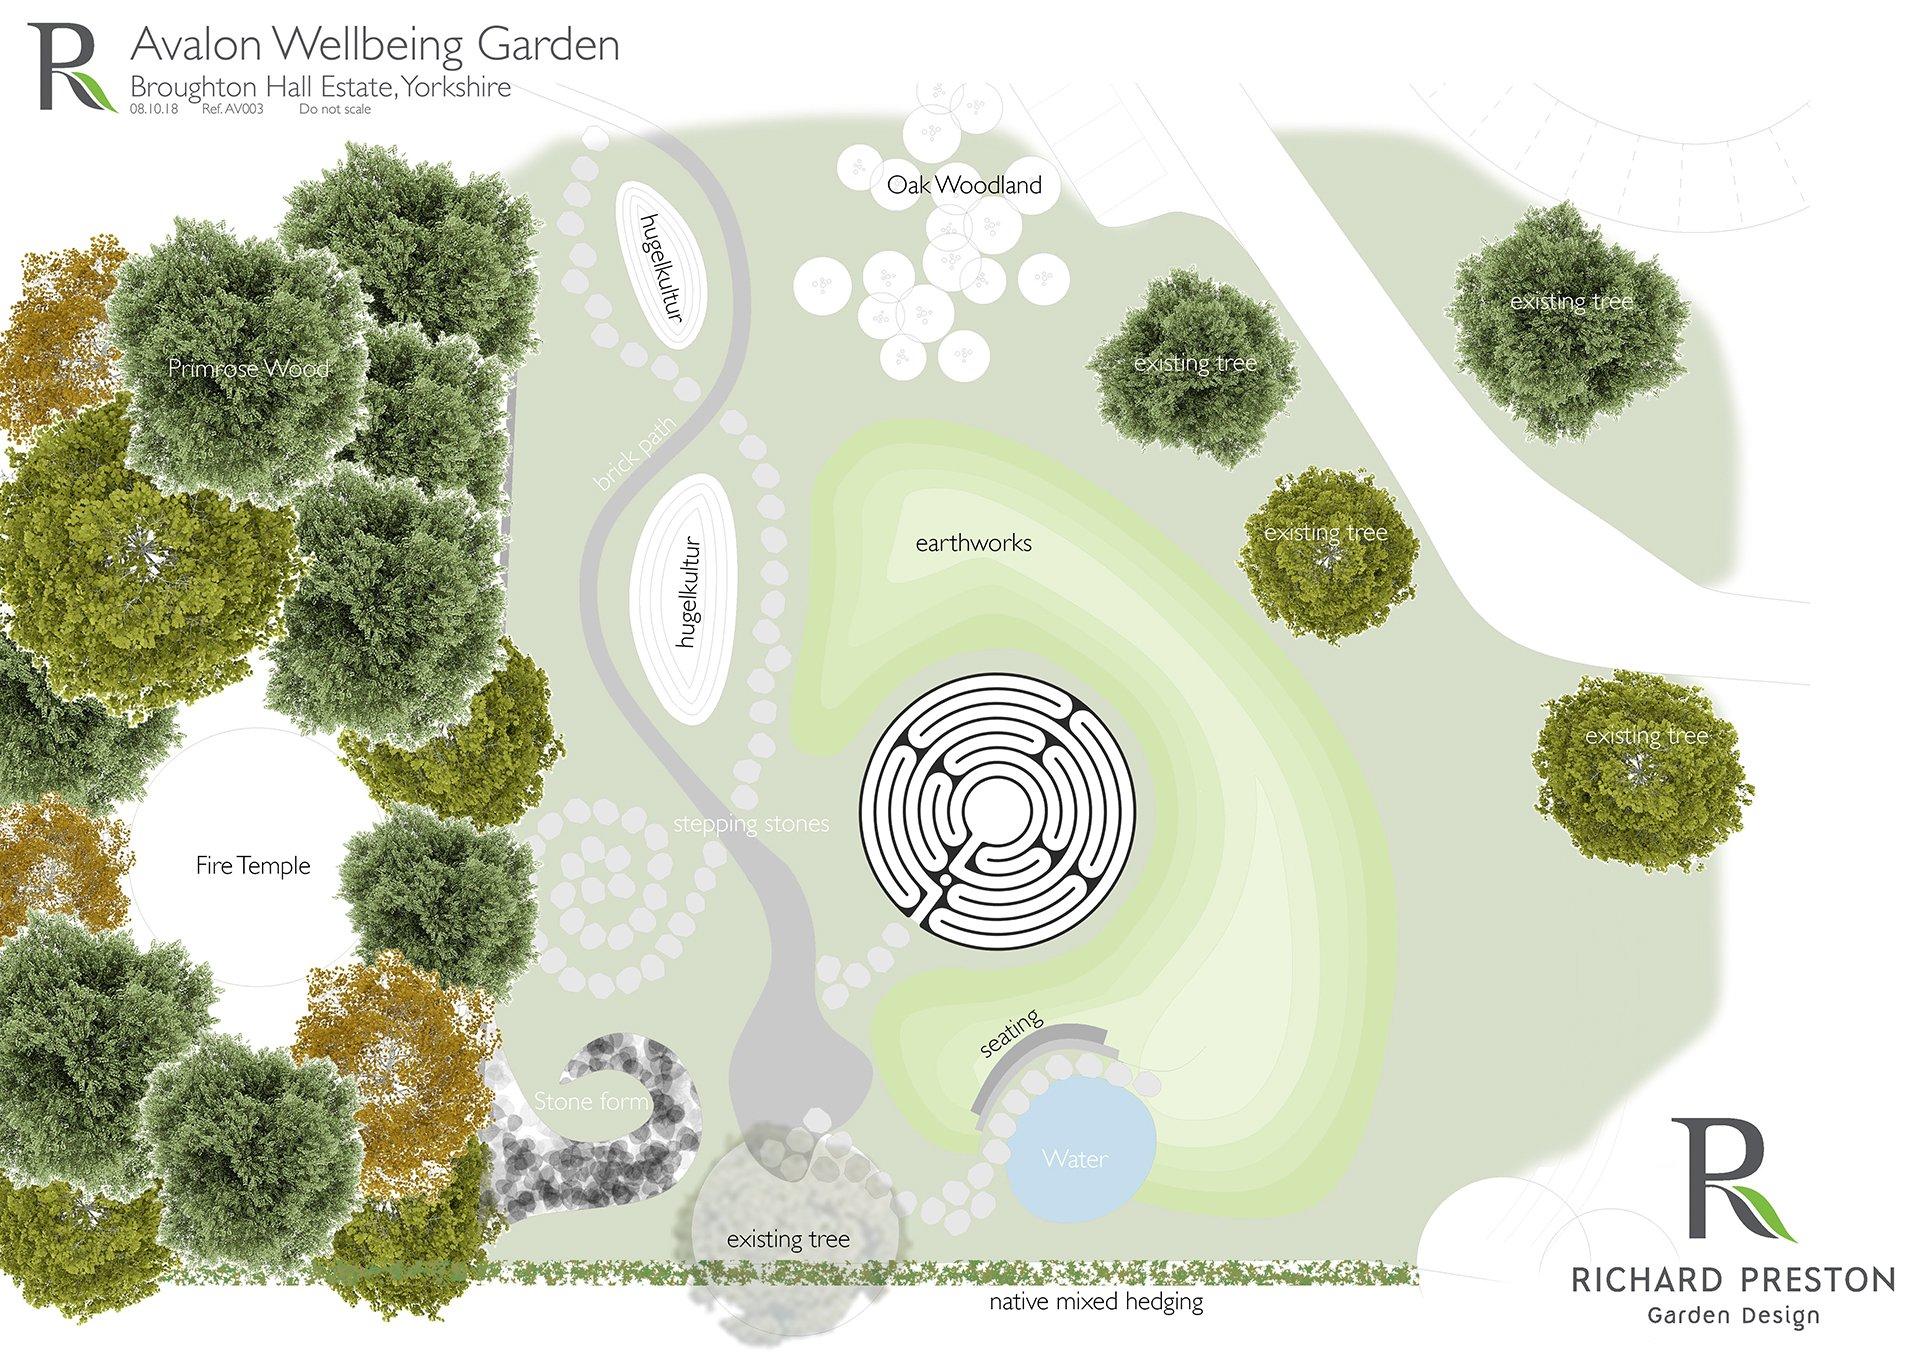 Wellbeing Garden landscape